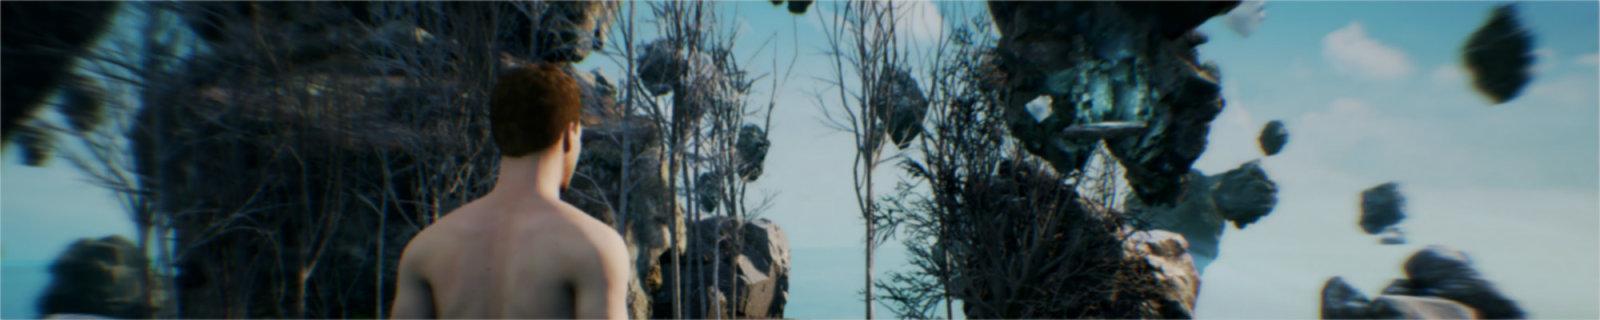 《双镜》公开新演示,在回忆的世界中探索真相